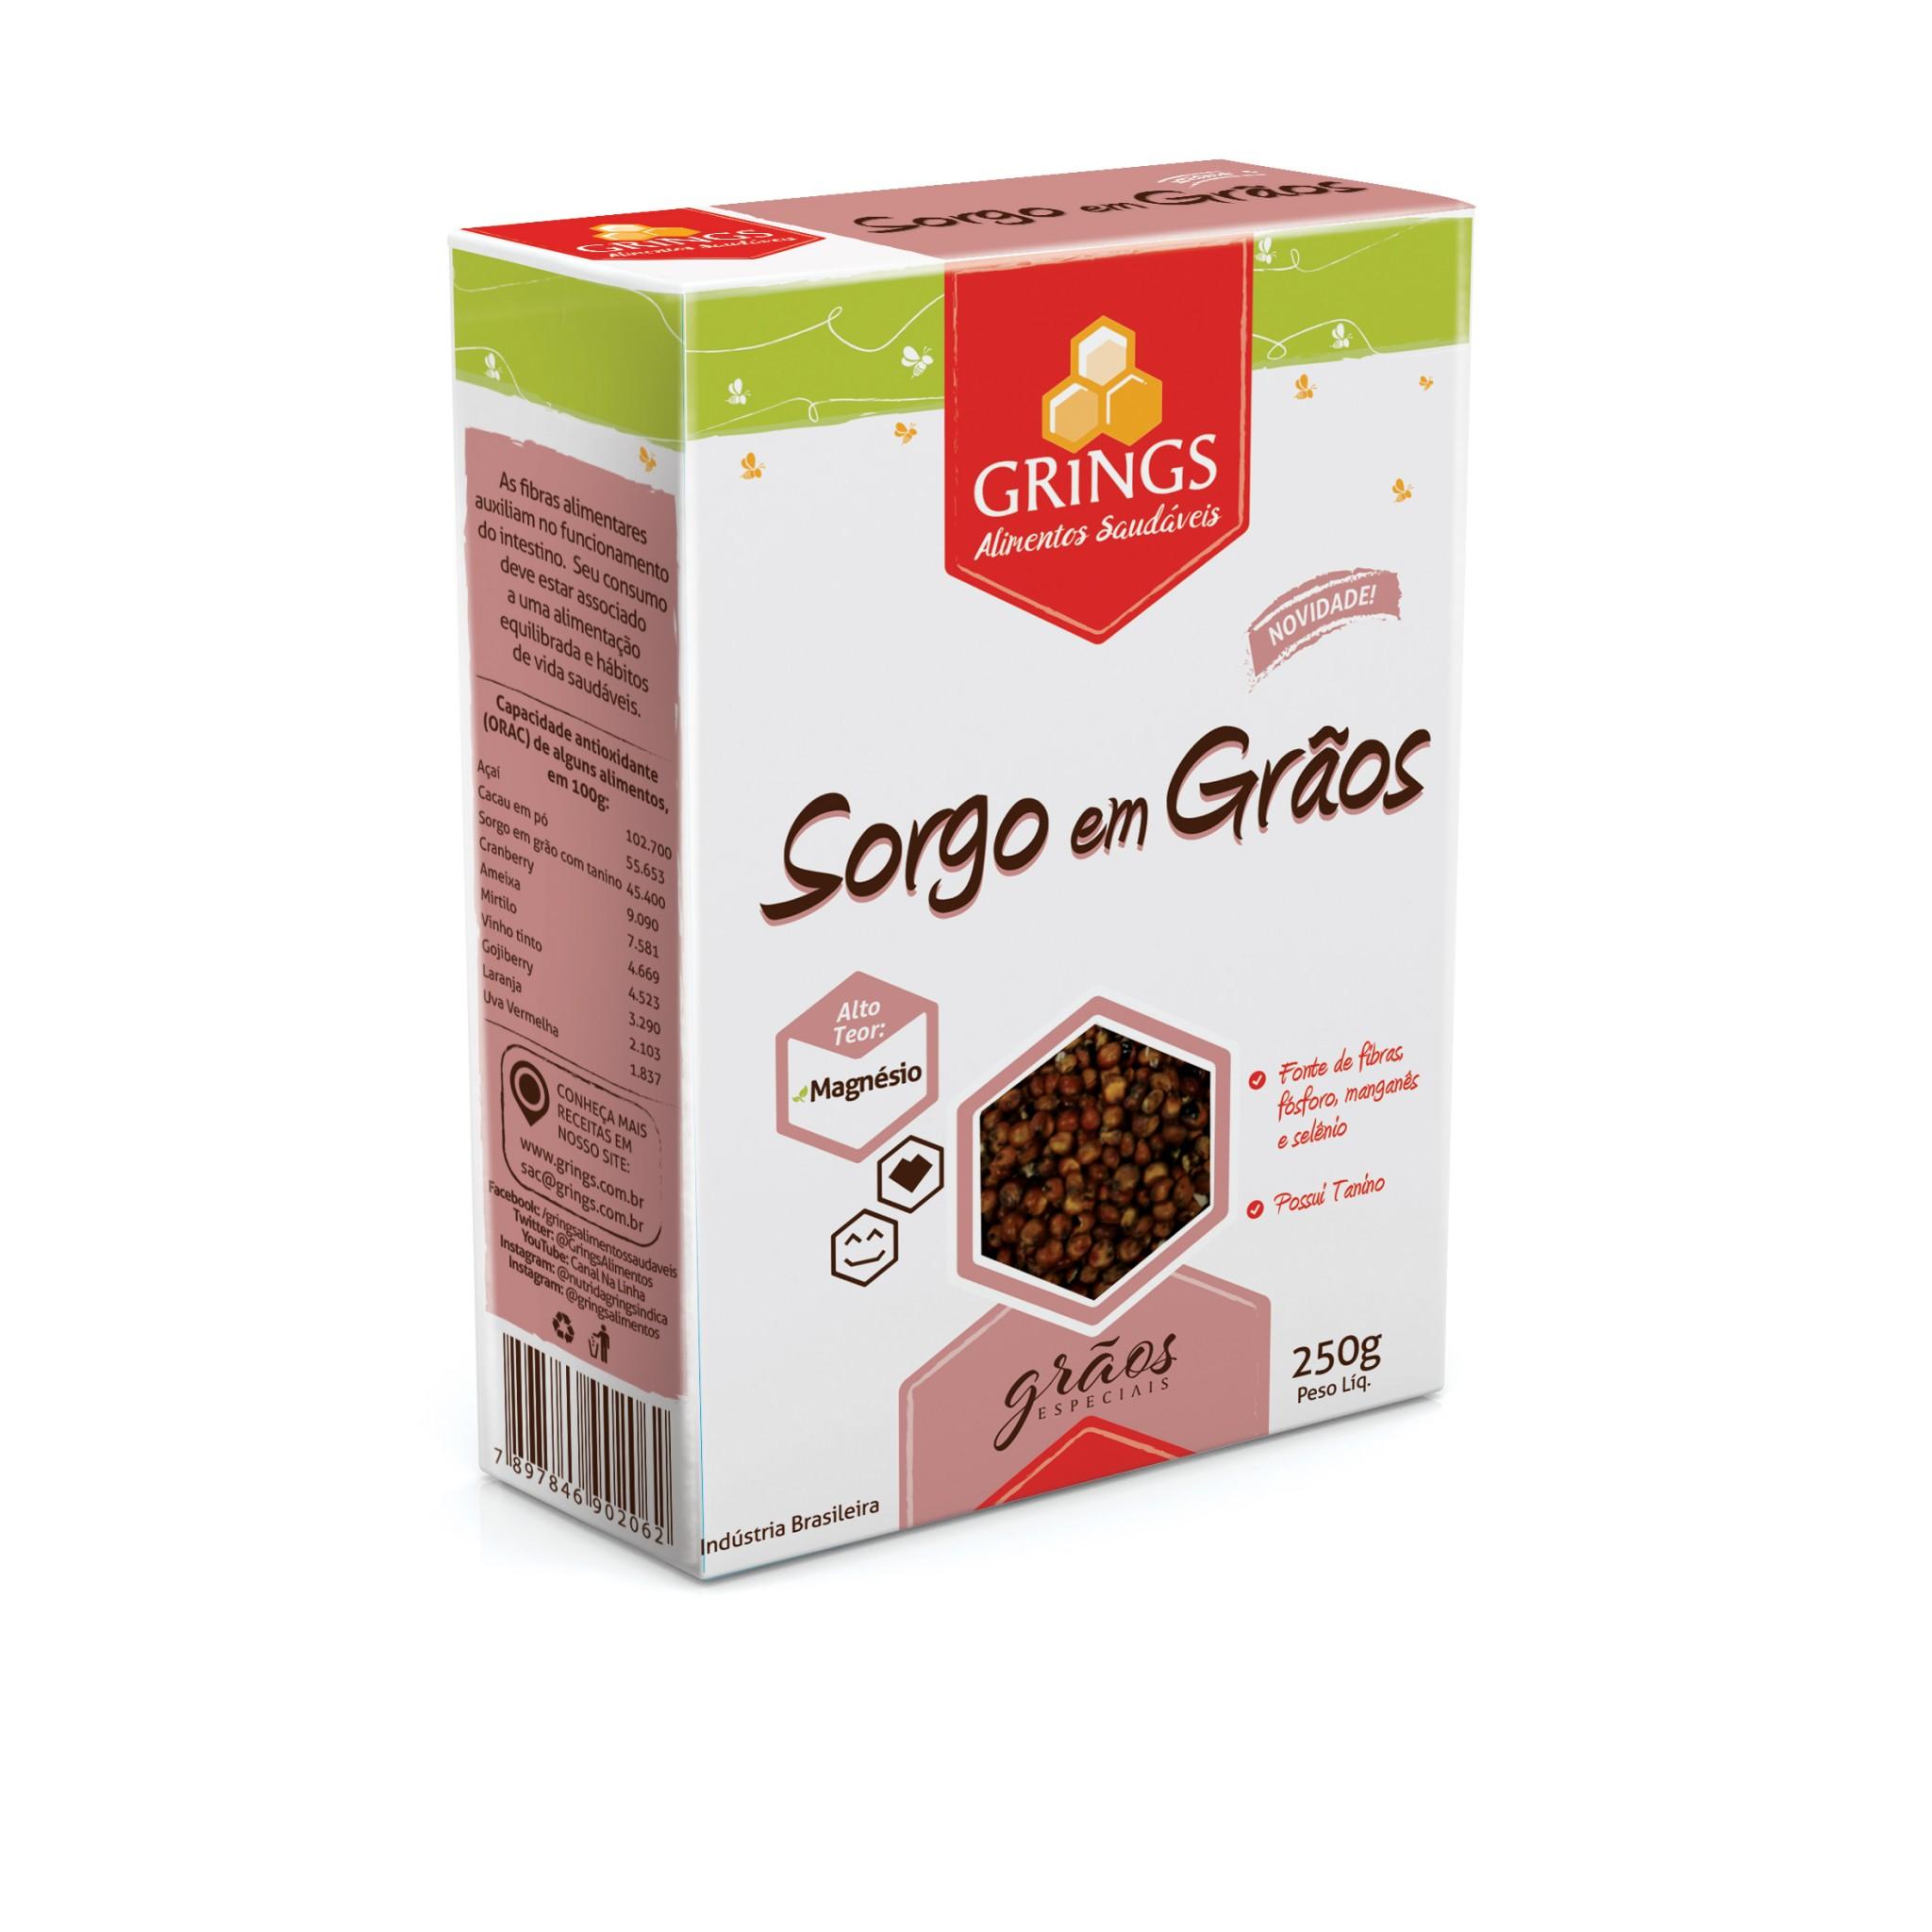 Sorgo2